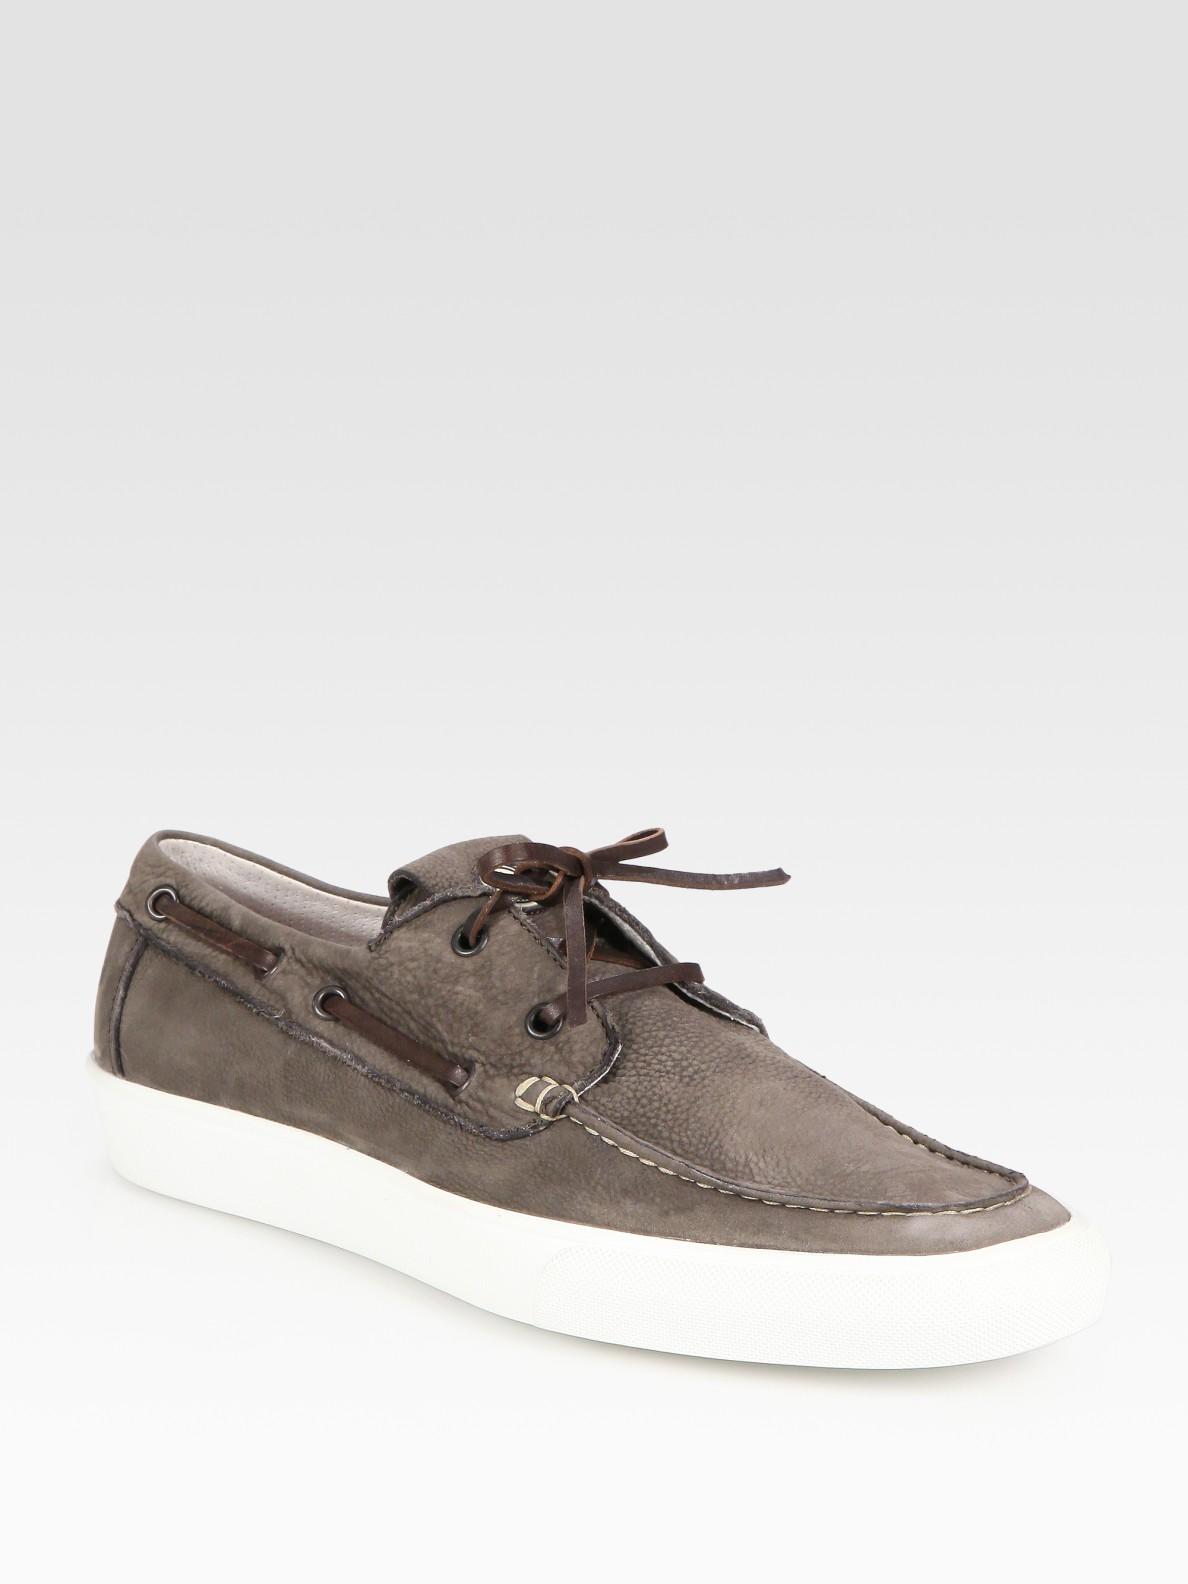 Saks Mens Boat Shoes